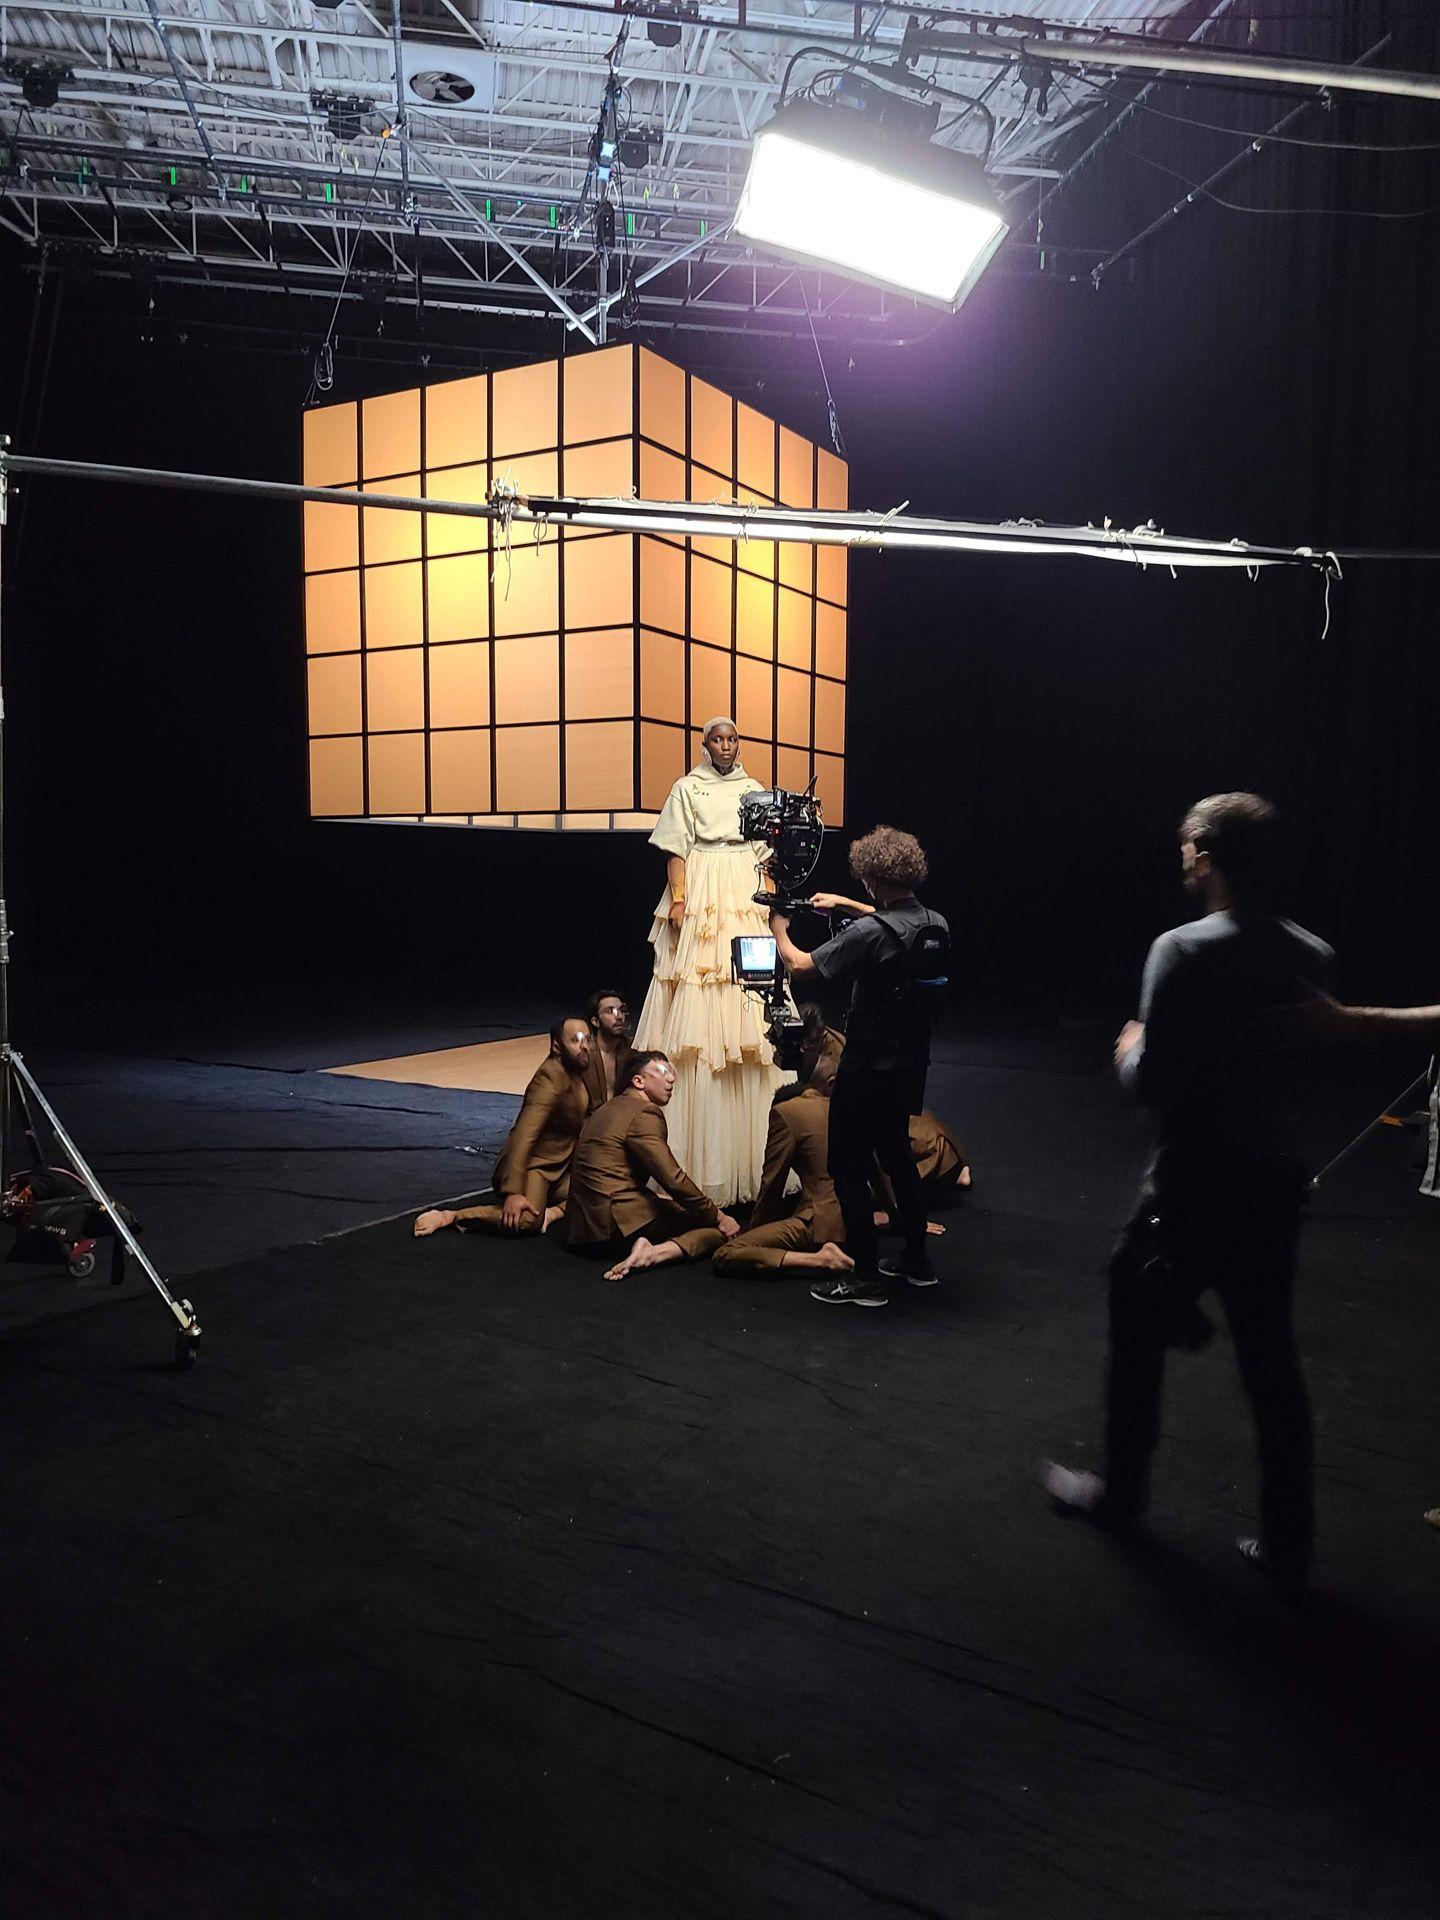 Image de coulisses dans un studio noir, le caméraman filme Sarahmée debout sur un piédestal avec les danseurs assis autour d'elle.